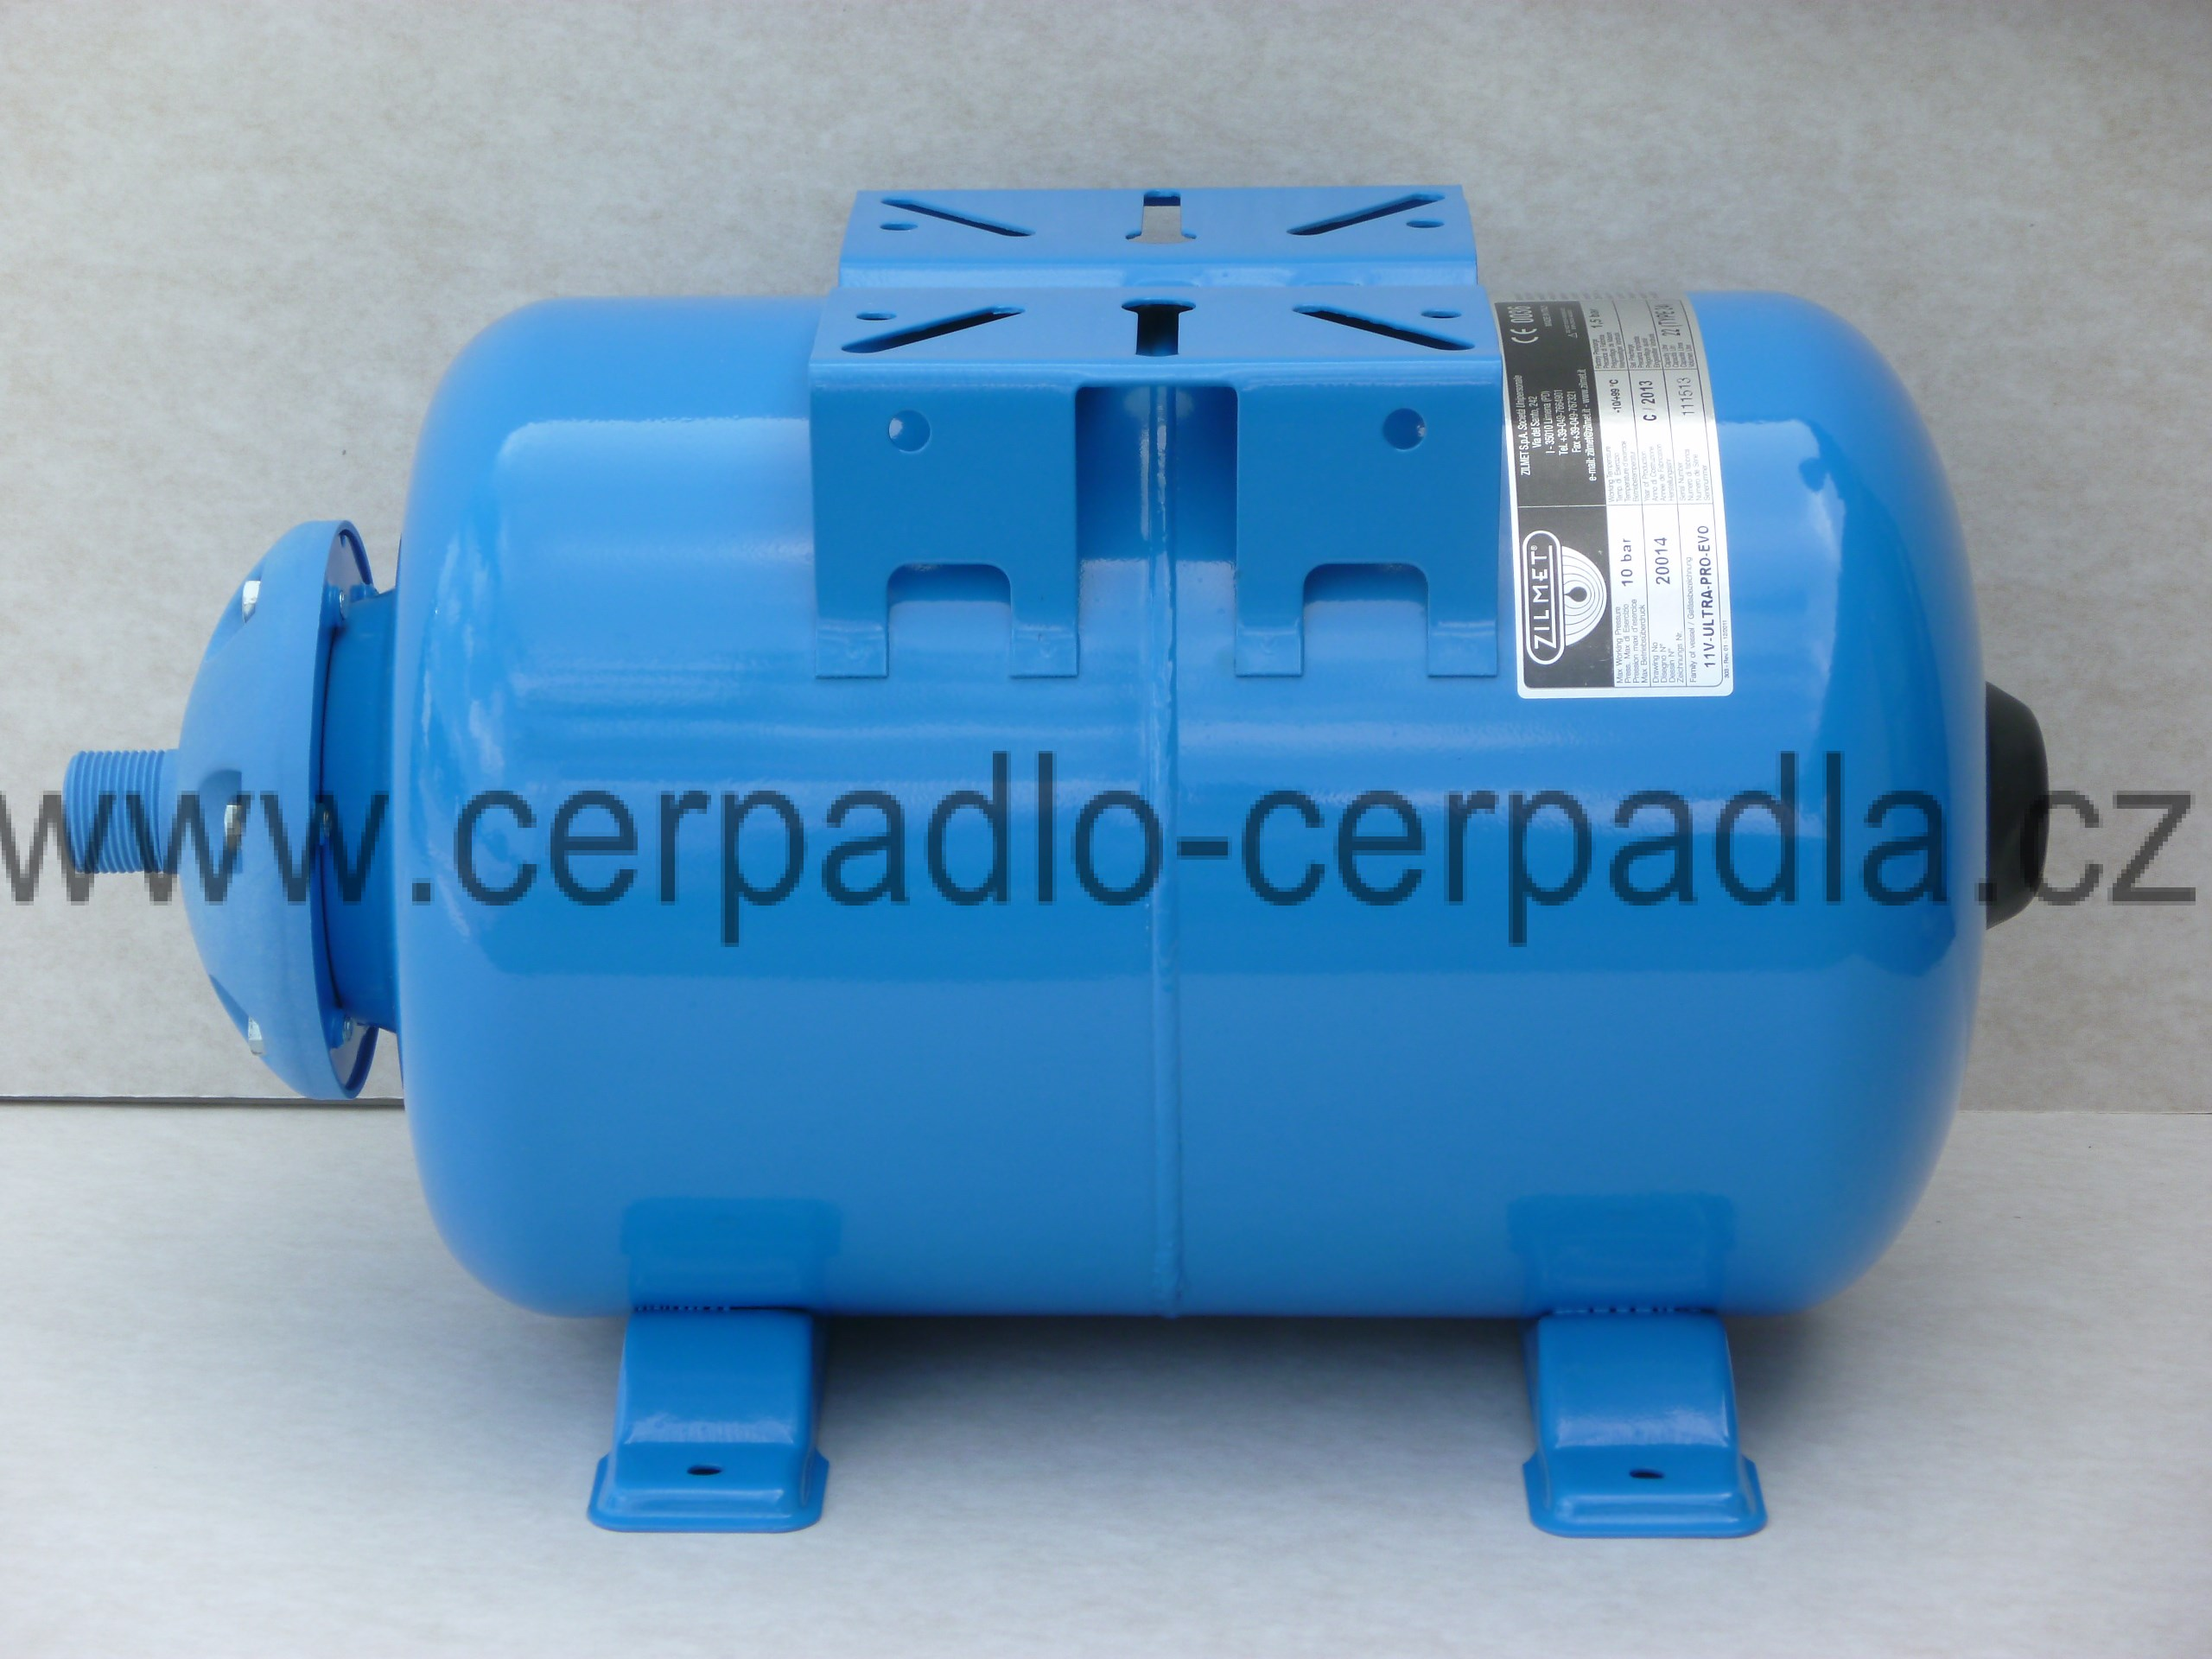 ZILMET ULTRA-PRO 80 L, tlaková nádoba, horizontální (s vakem, tlakové nádoby ZILMET 80, nádrž pro domácí vodárny)